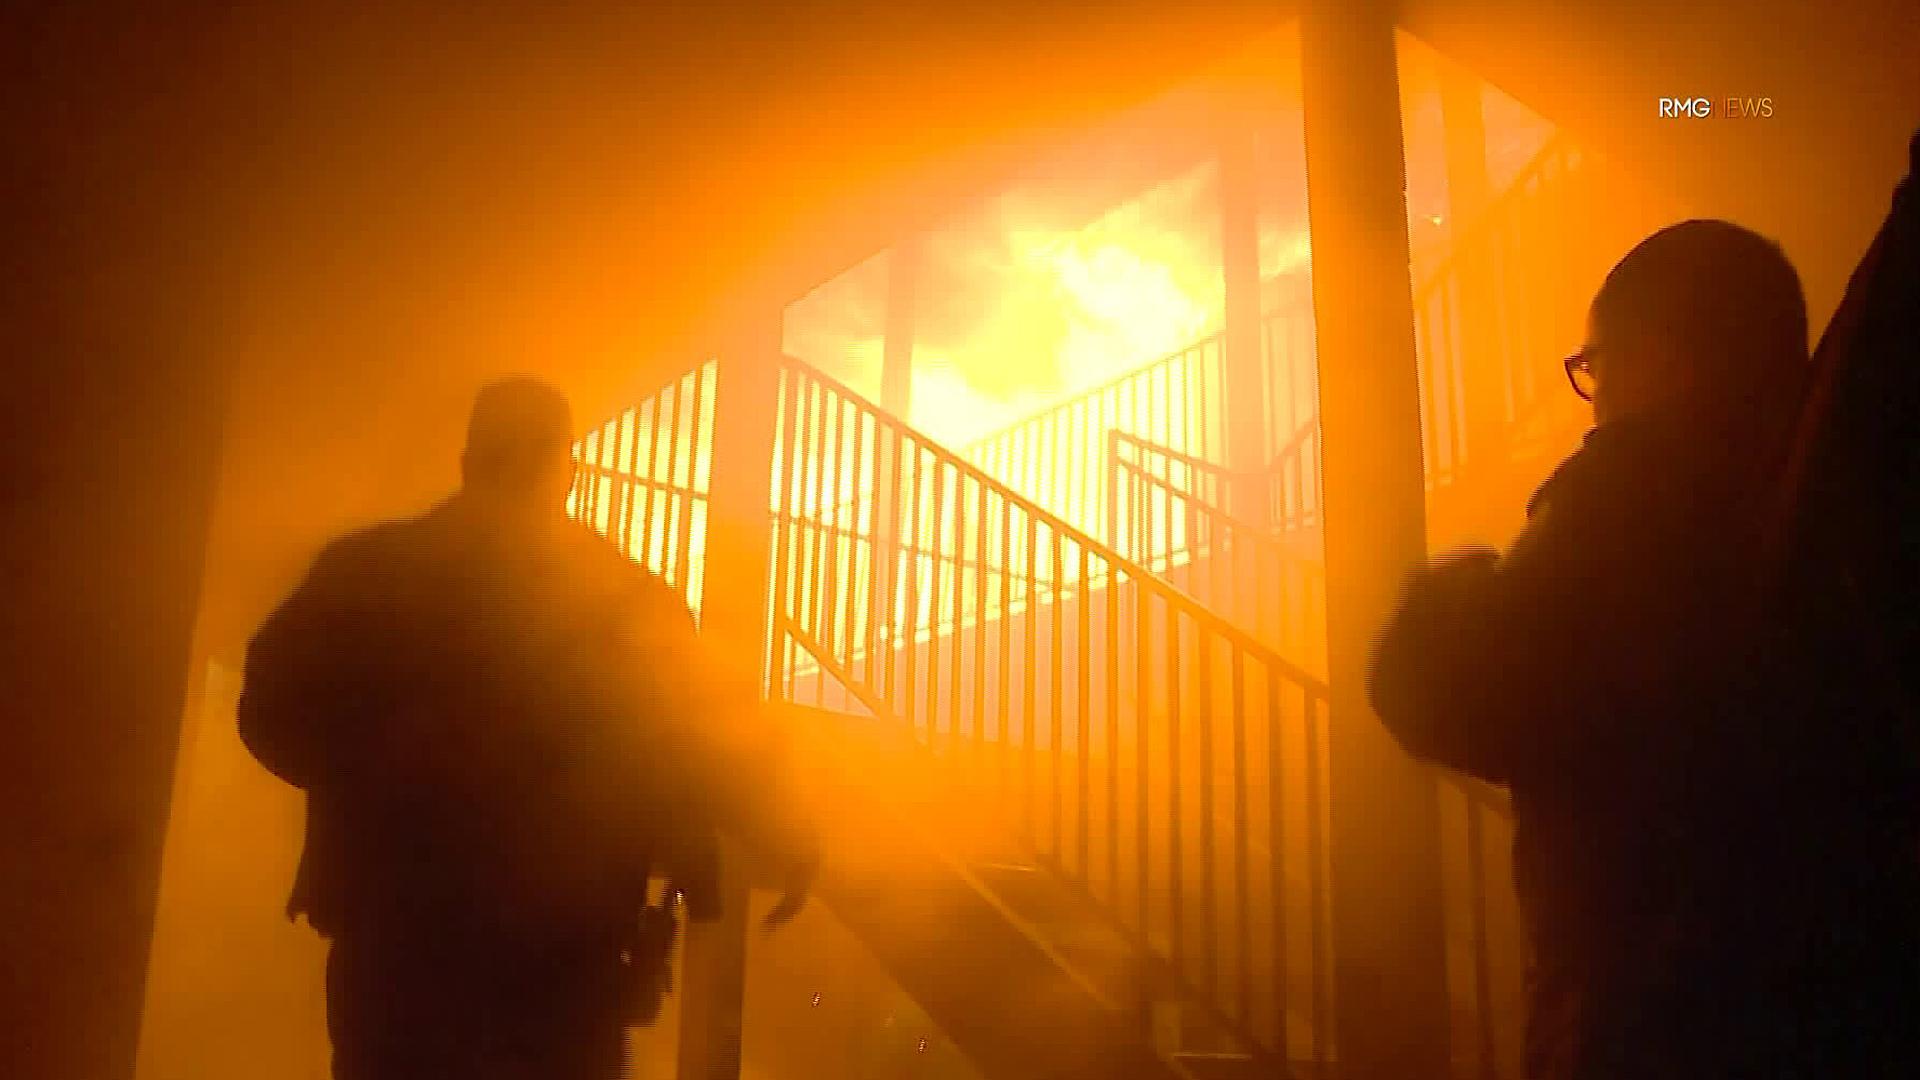 Firefighters respond to a fire in Hemet on Dec. 27, 2019. (Credit: KTLA)